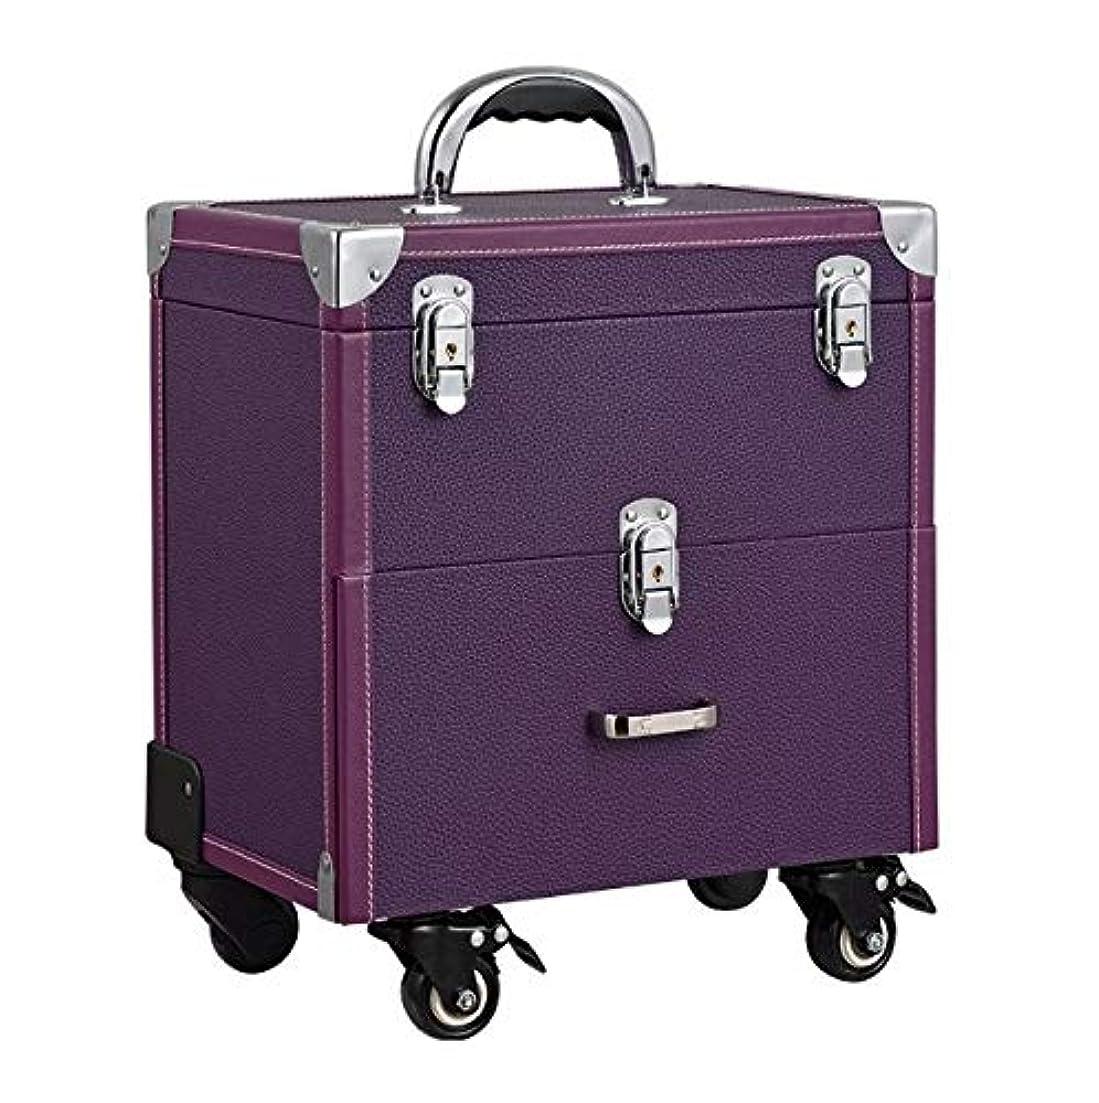 武器日神秘的な化粧箱、大容量ダブルポール化粧品ケース、ポータブル旅行化粧品袋収納袋、美容化粧ネイルジュエリー収納ボックス (Color : Purple)